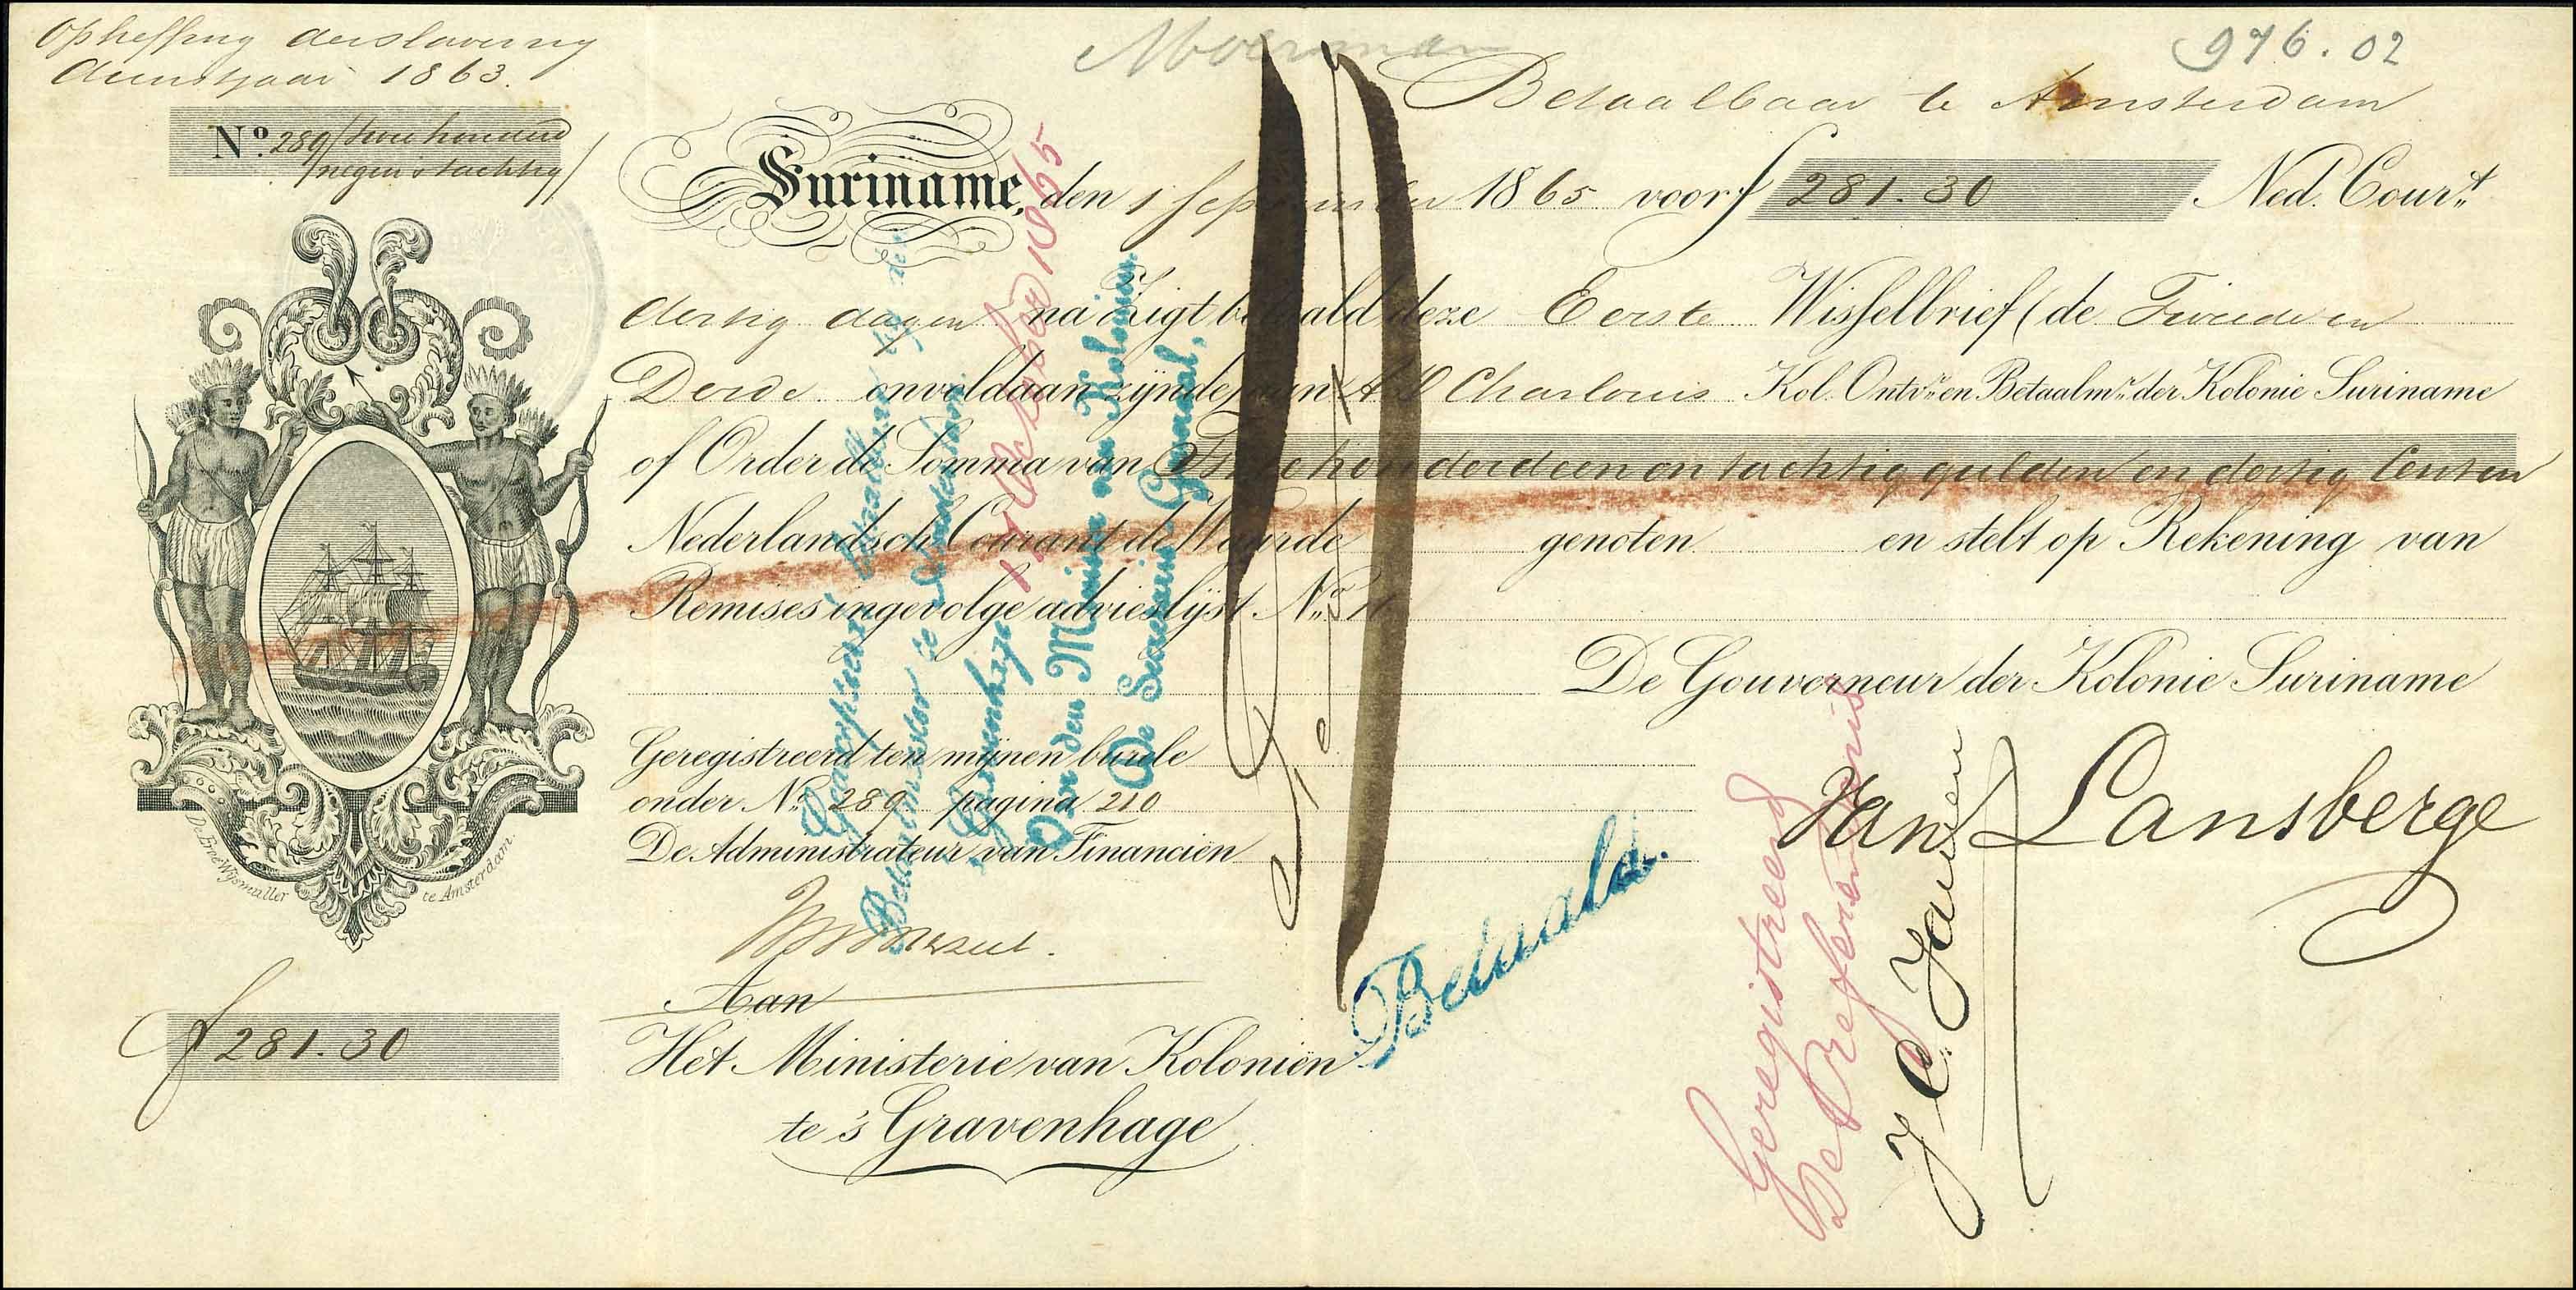 Wisselbrief afschaffing slavernij Suriname, No. 289